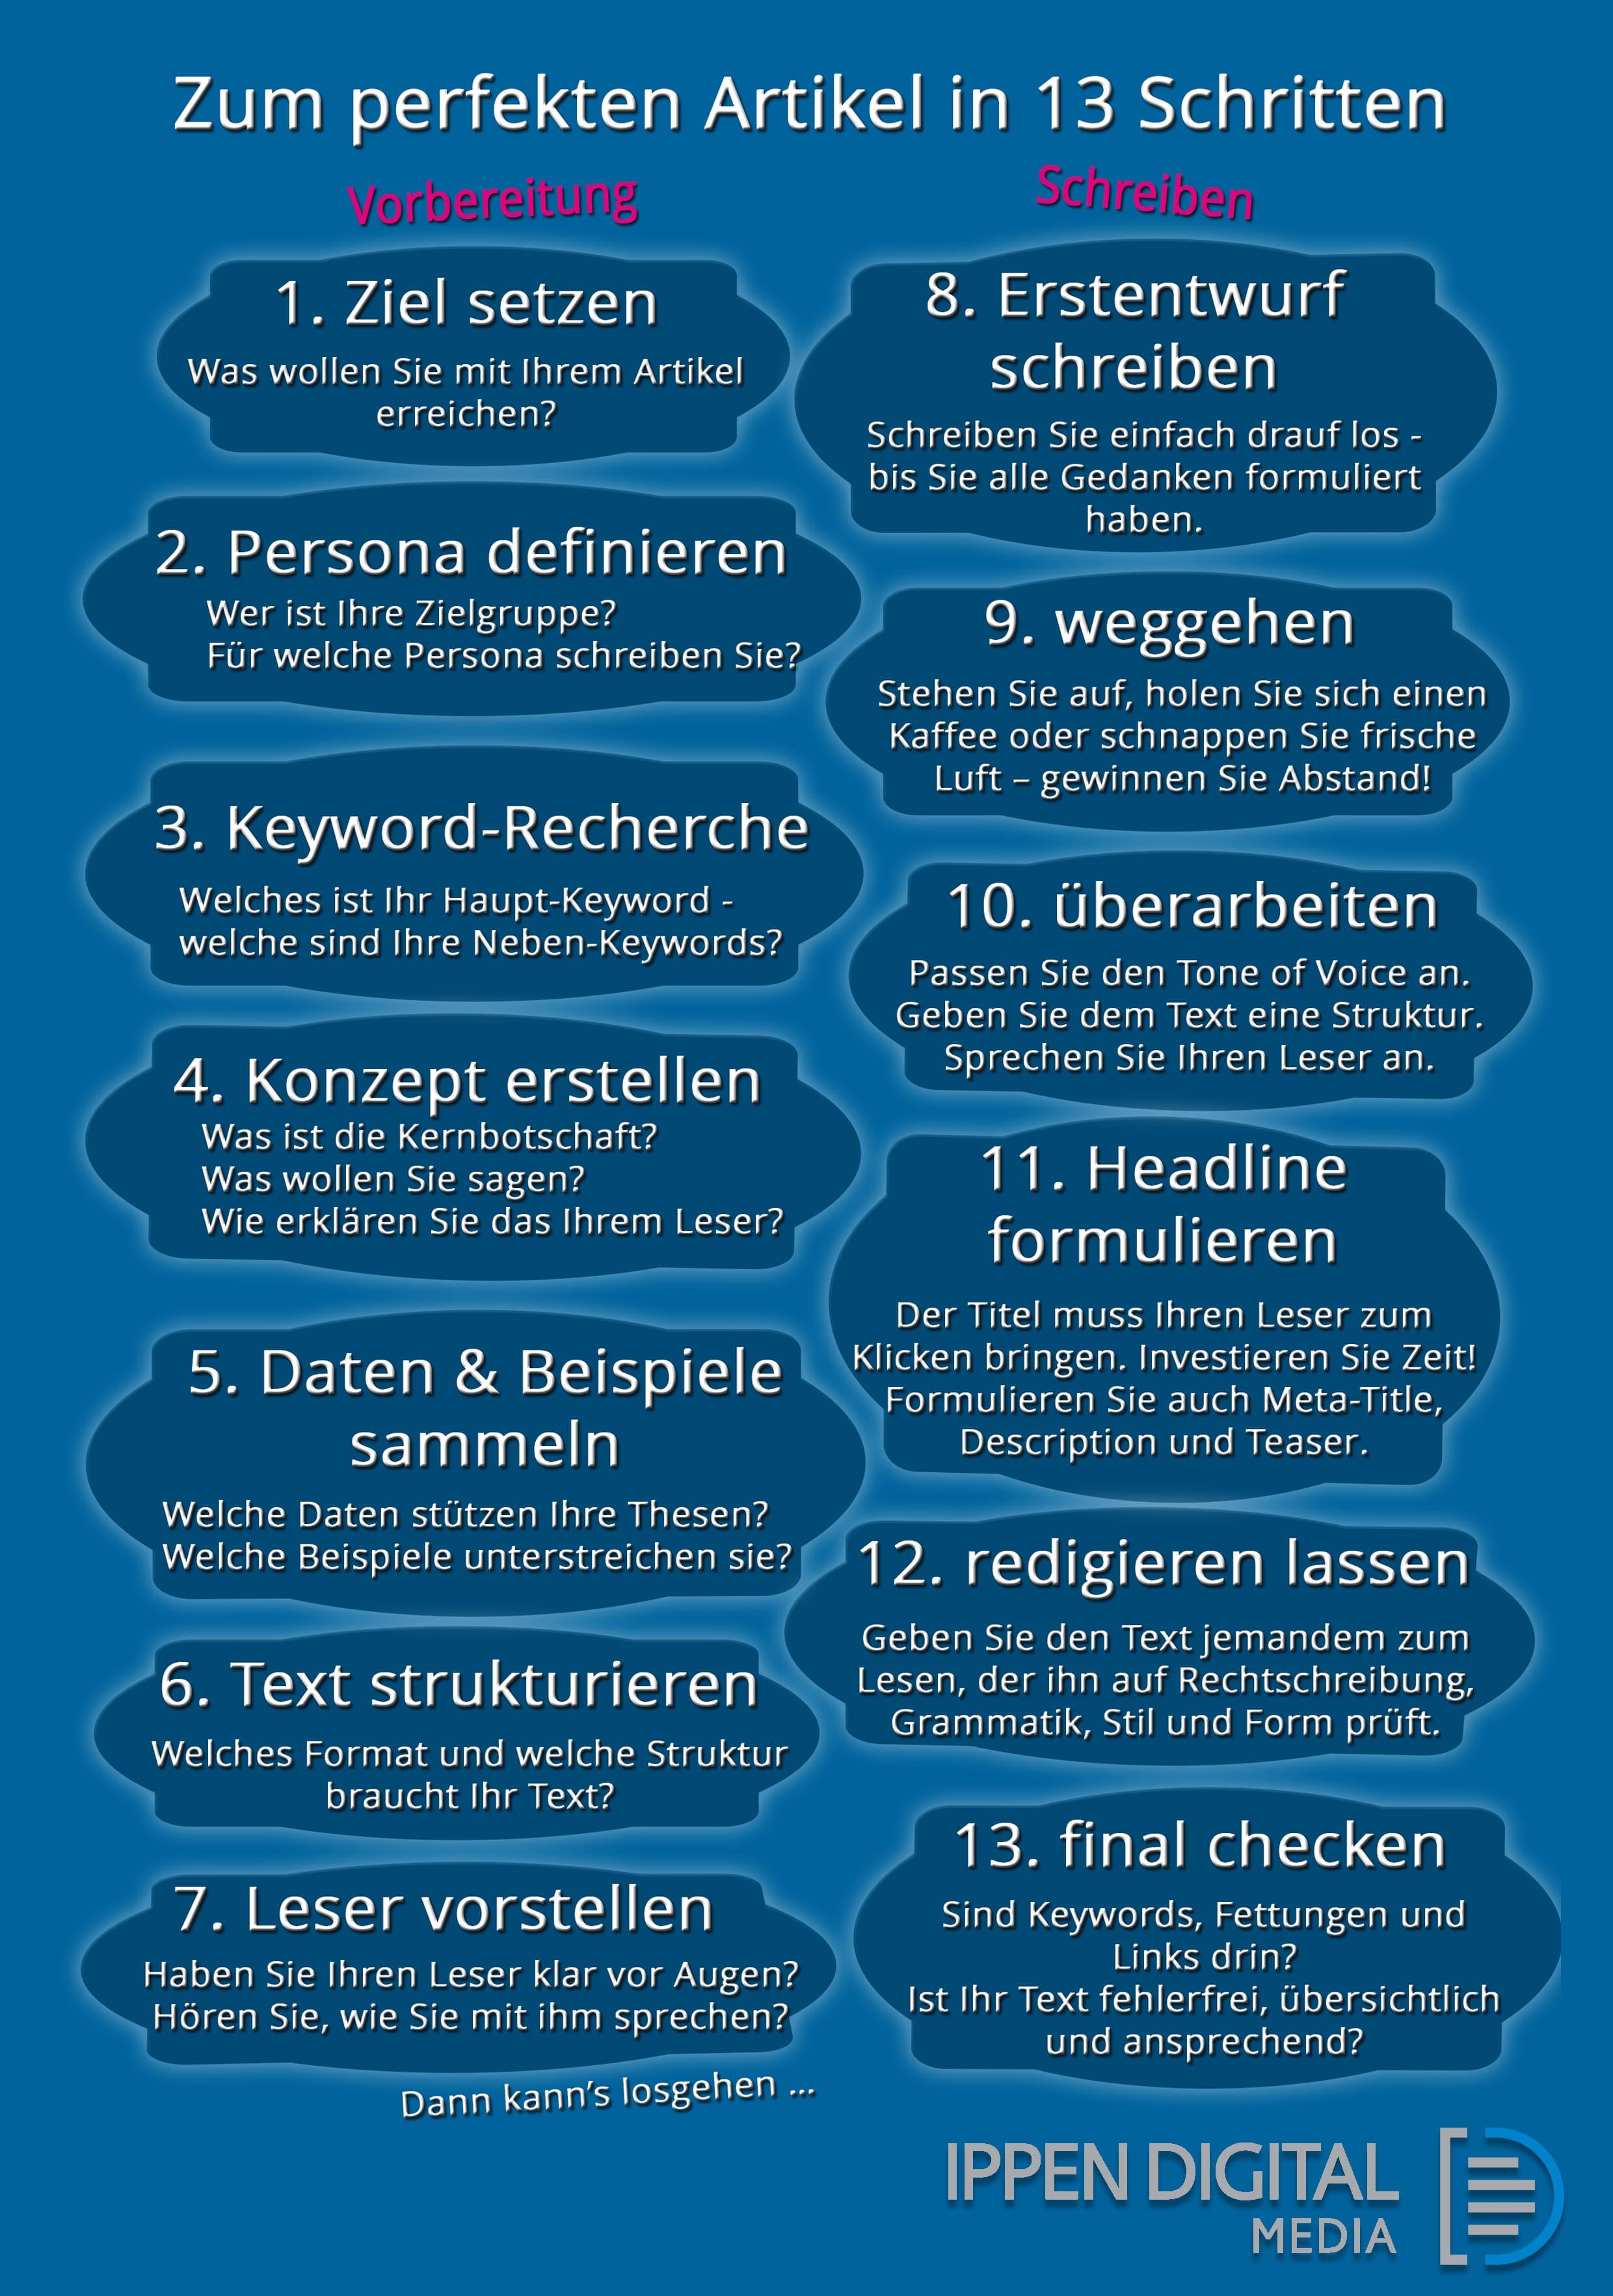 Checkliste: In 13 Schritten zum perfekten Online-Text.